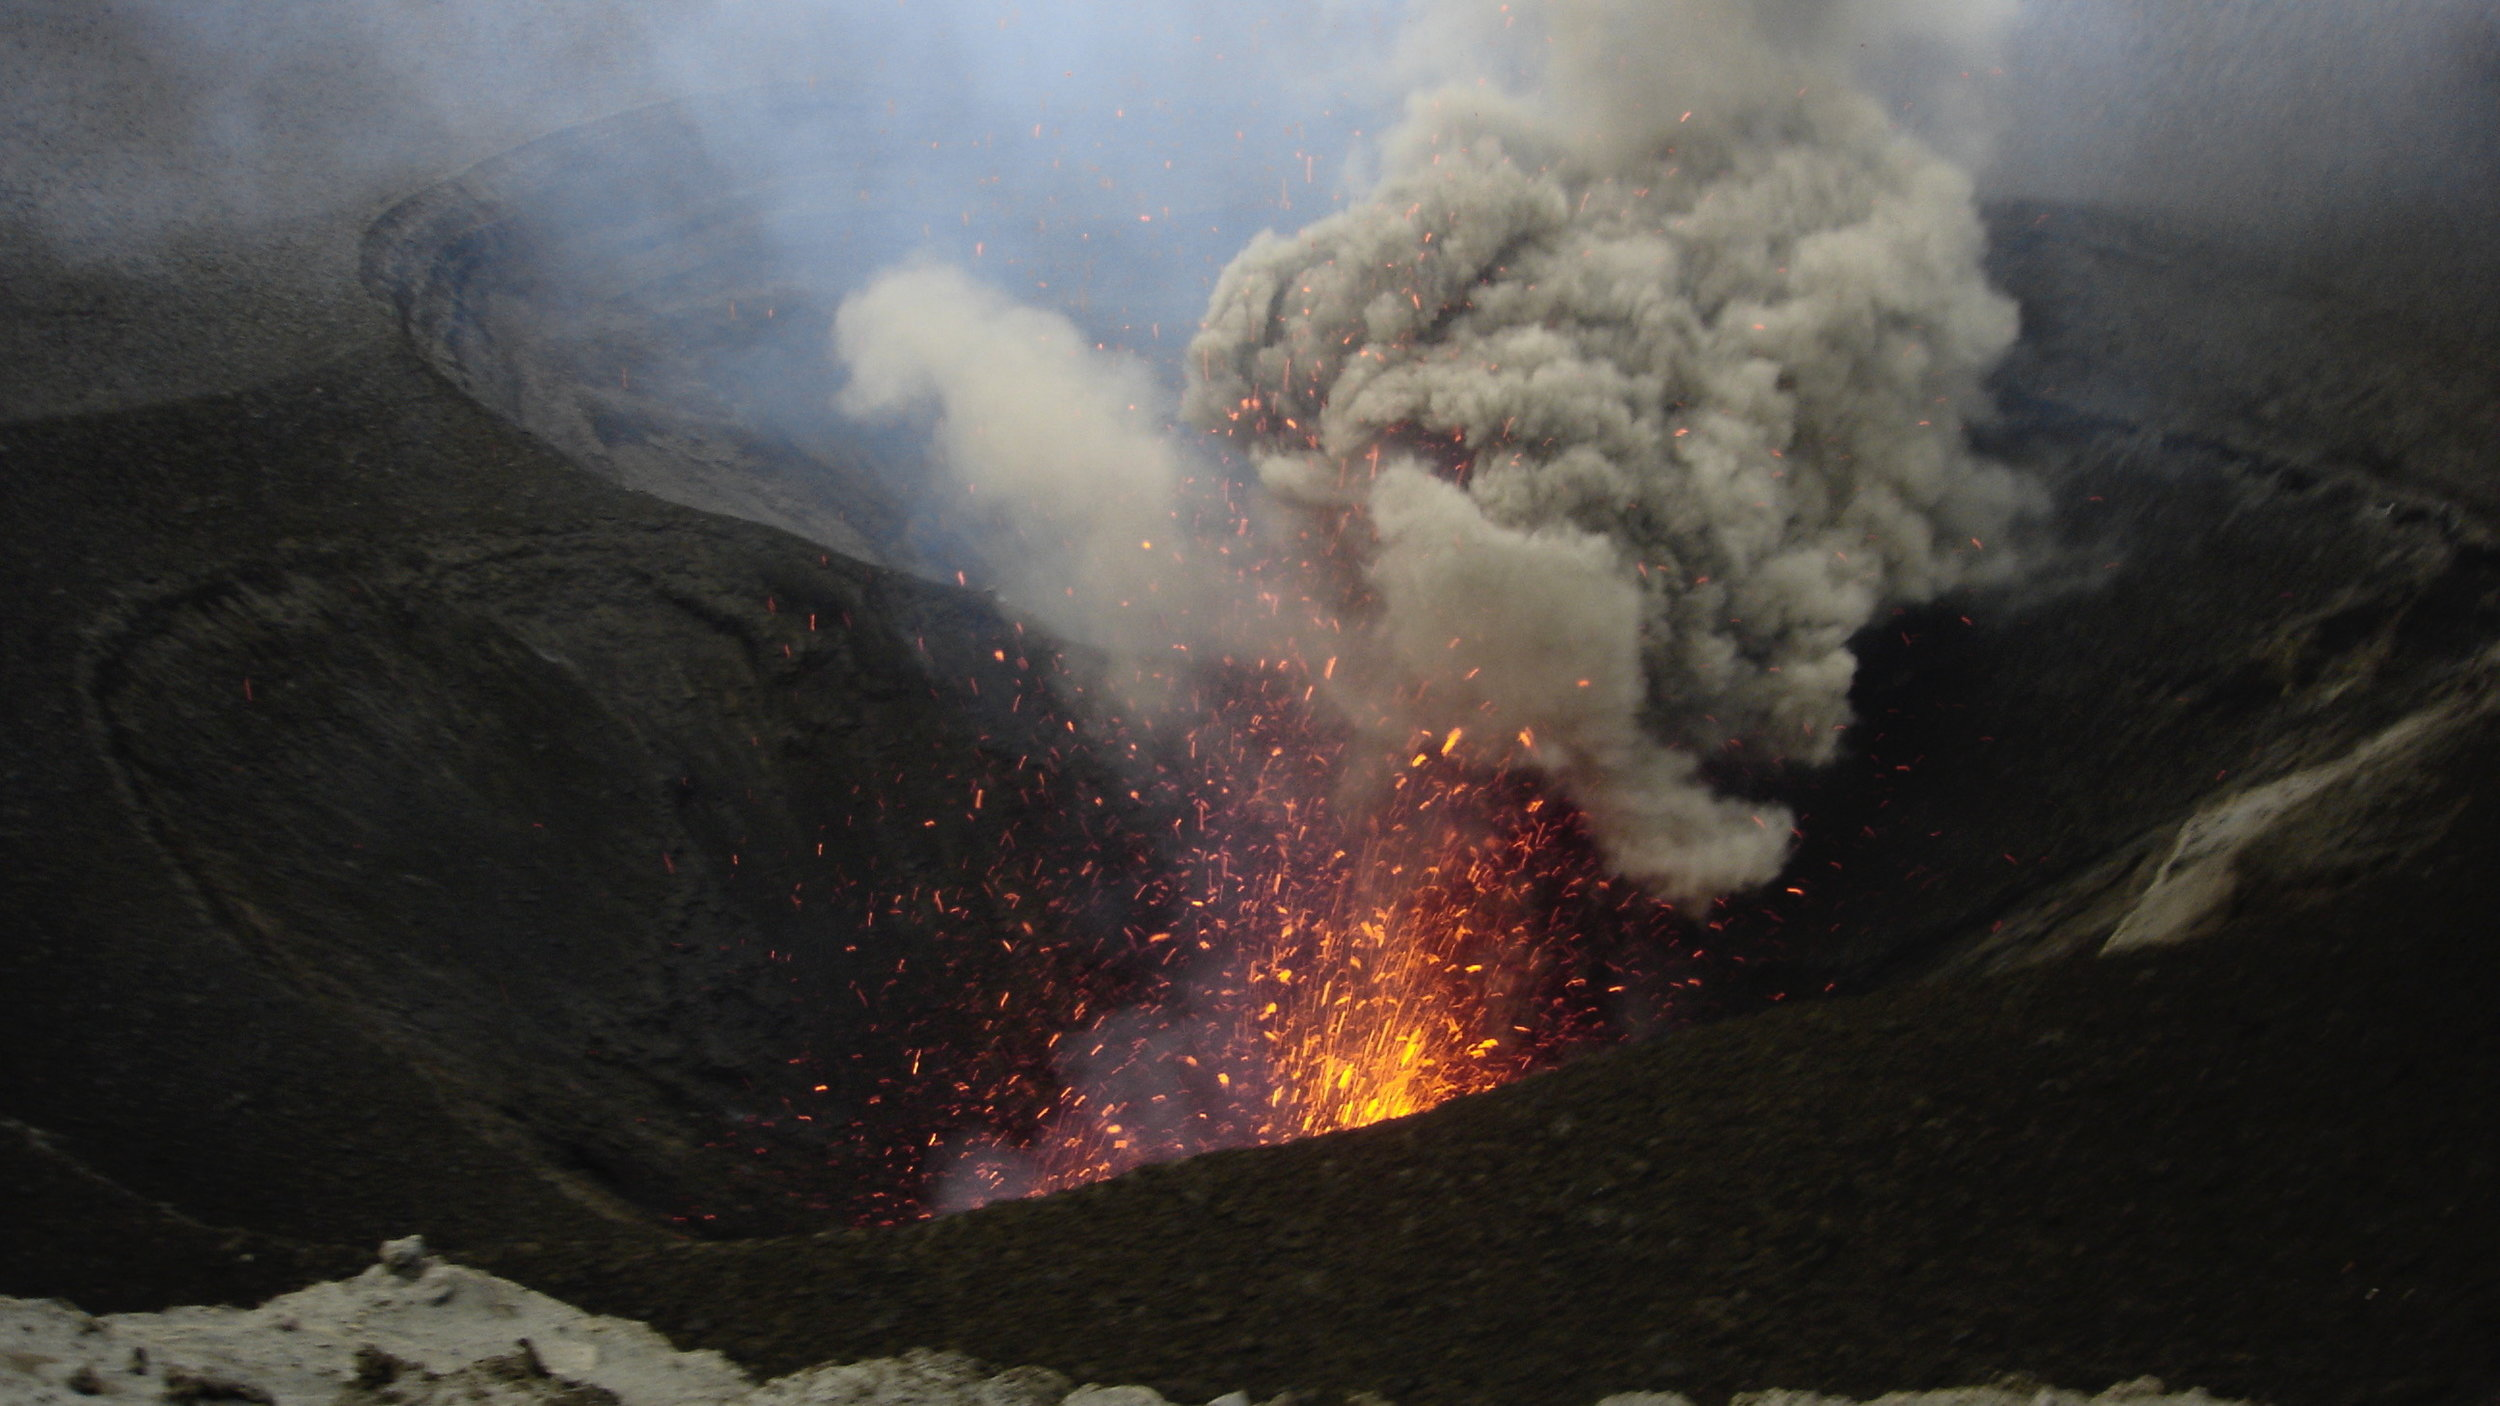 Vanuatu 2008 - Volcano Trekking